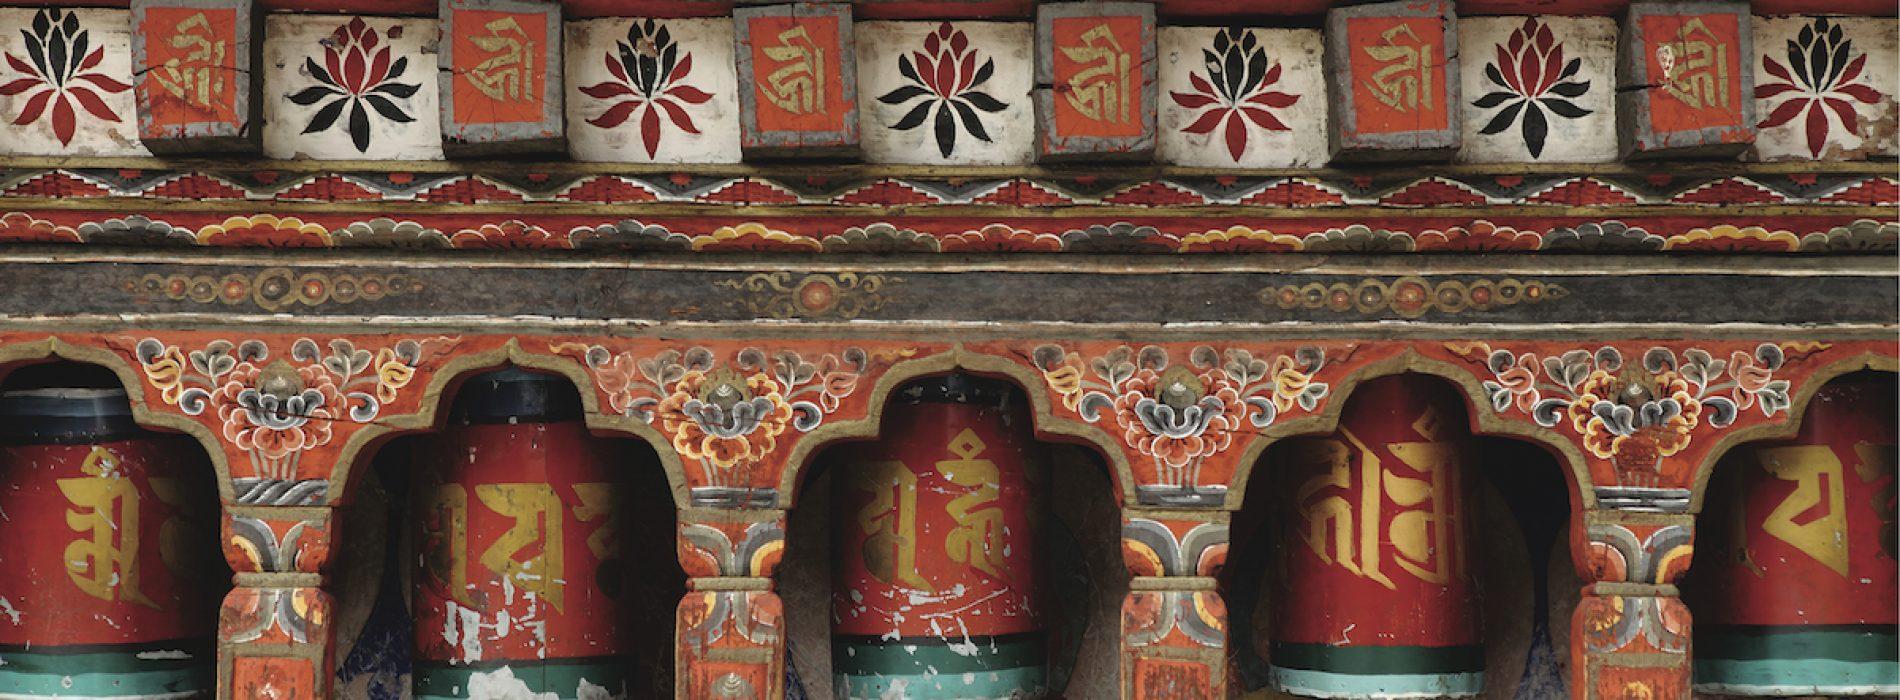 Bhutan Prayer Wheels